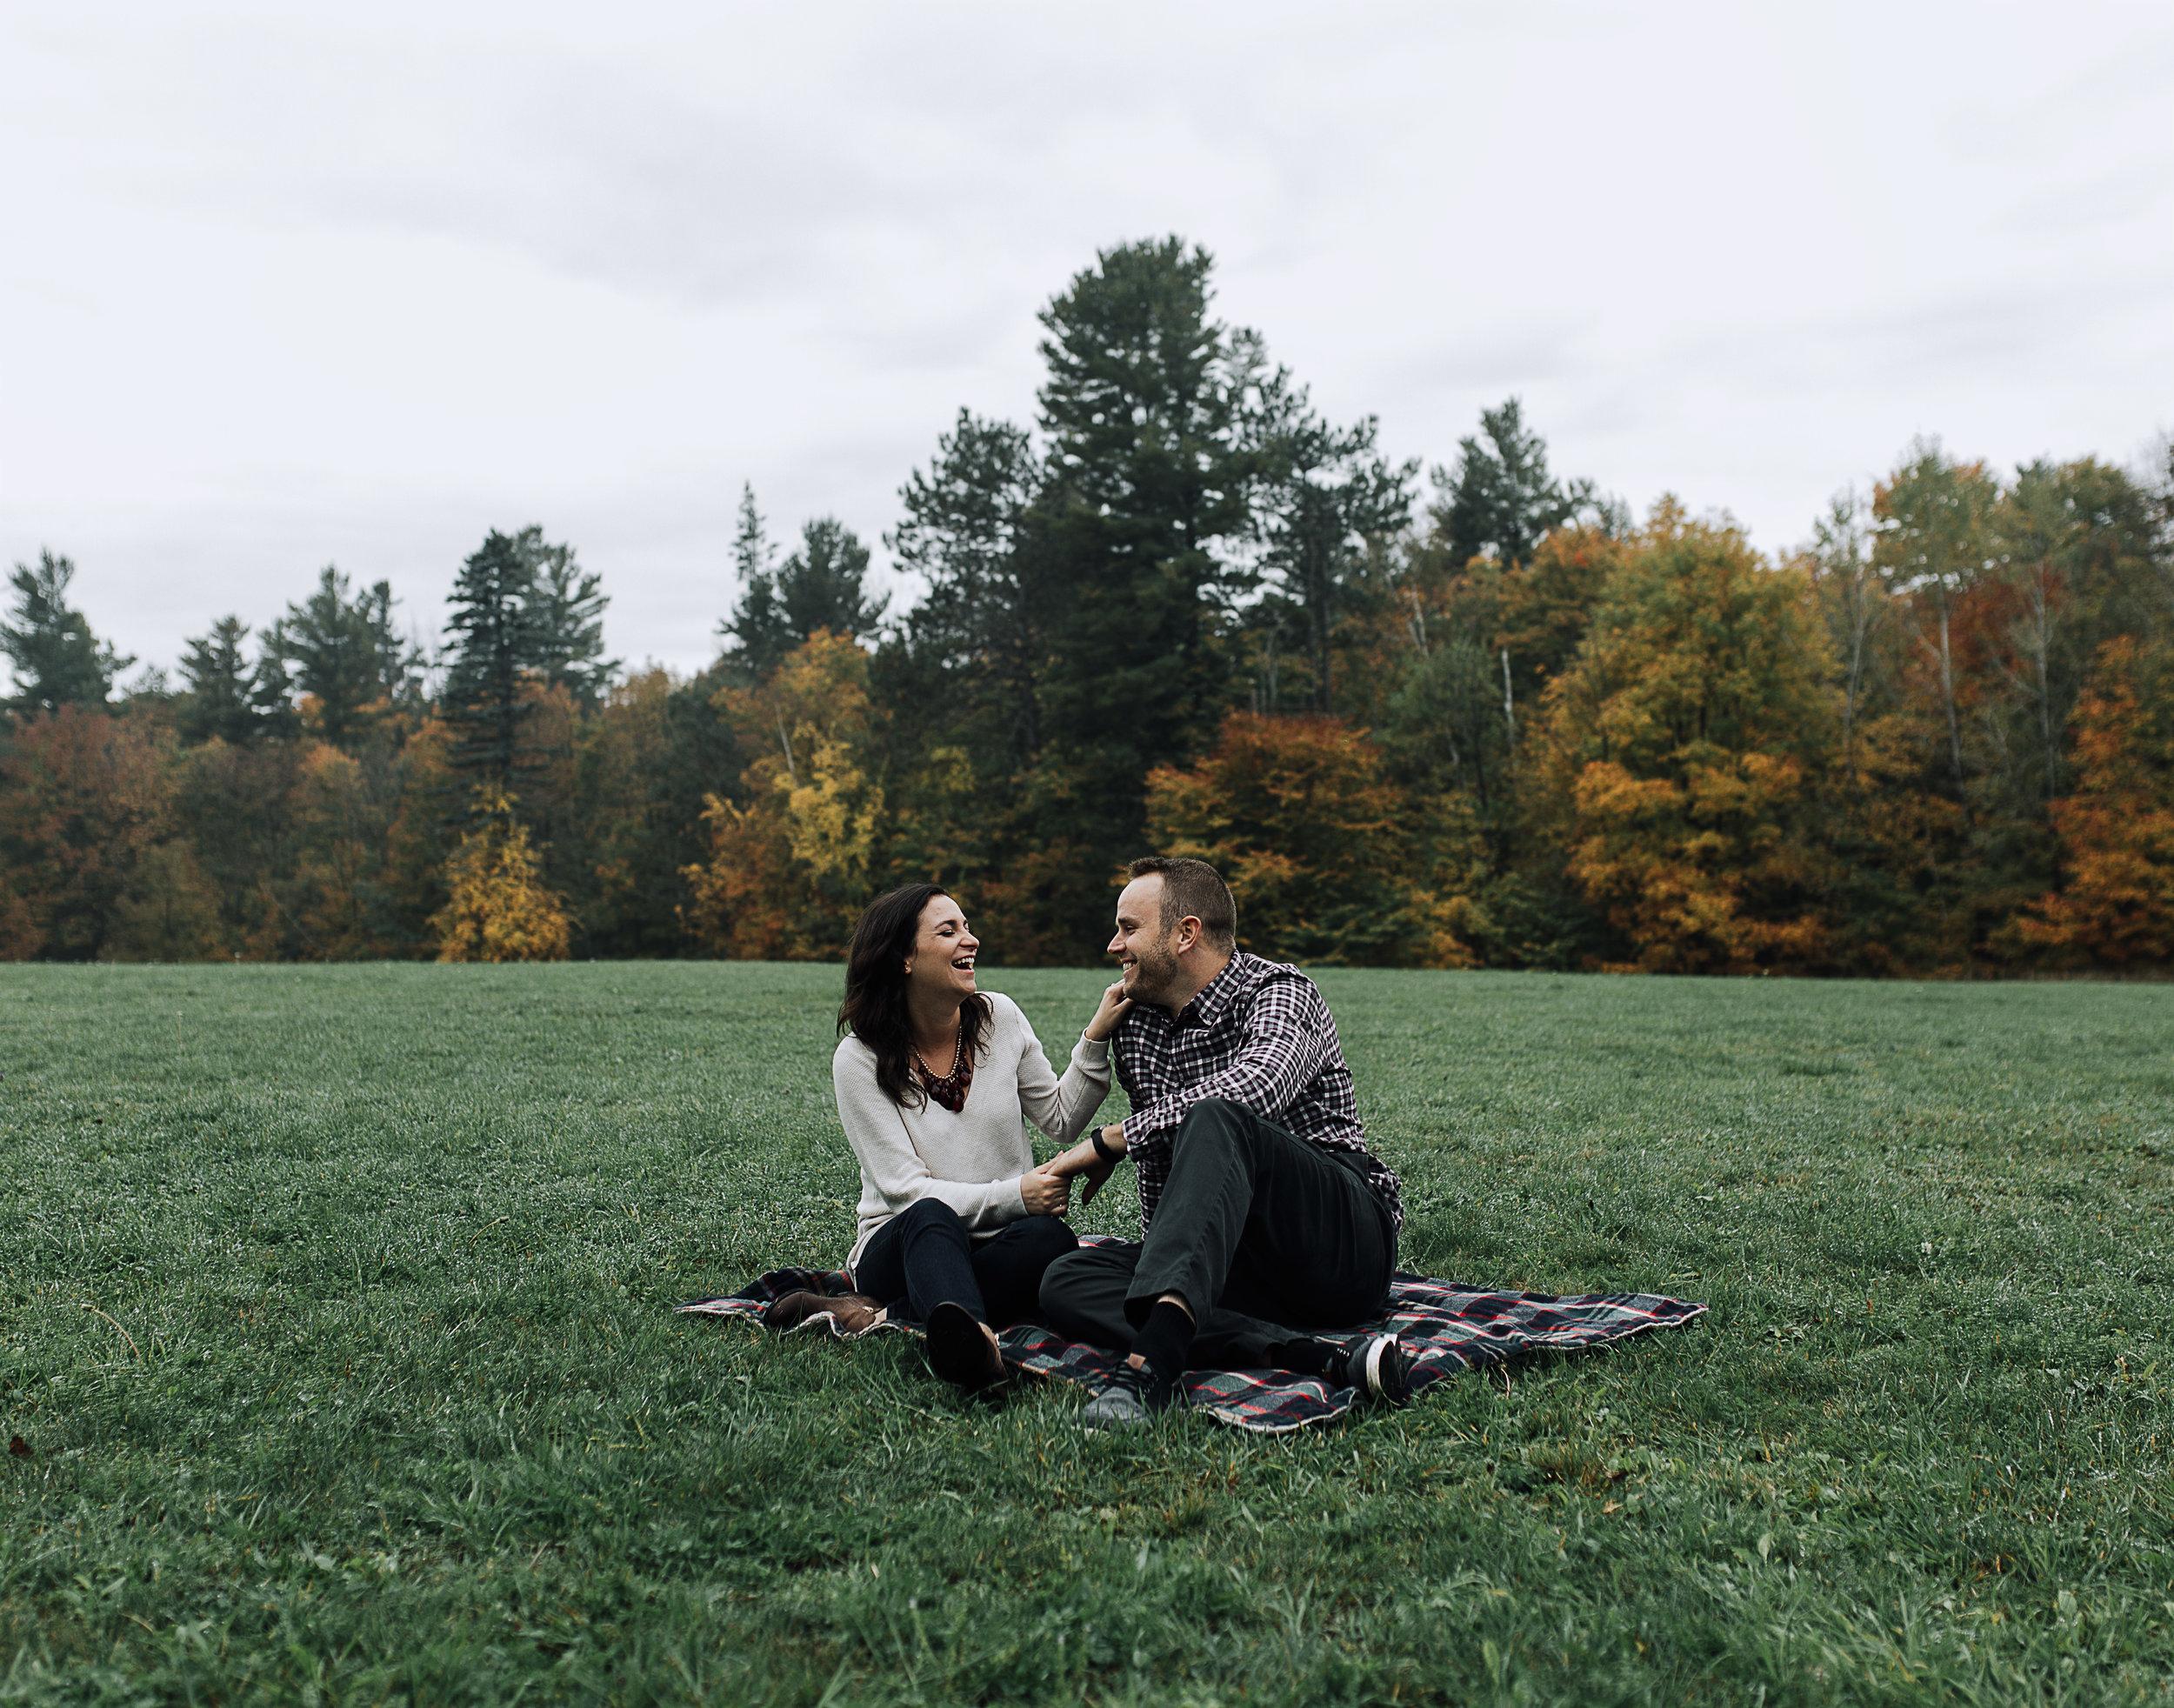 Evie&Glenn10.14.17-83.jpg